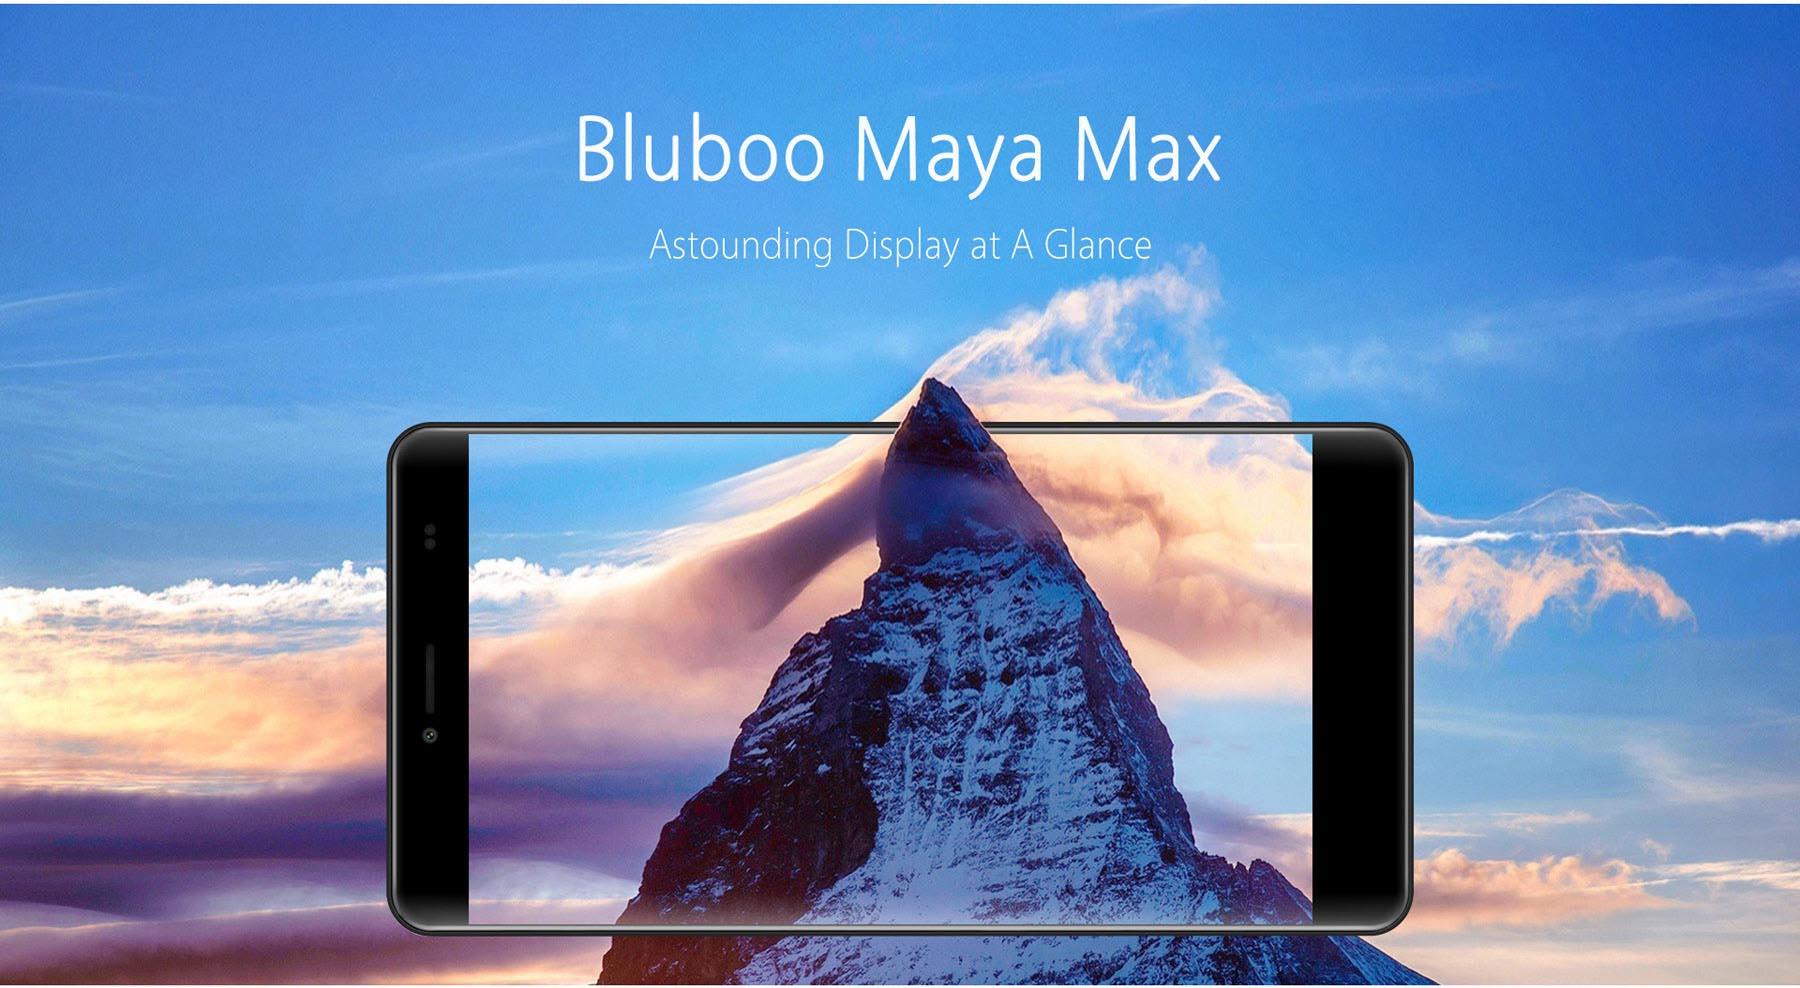 bluboo maya max 1471337704891739